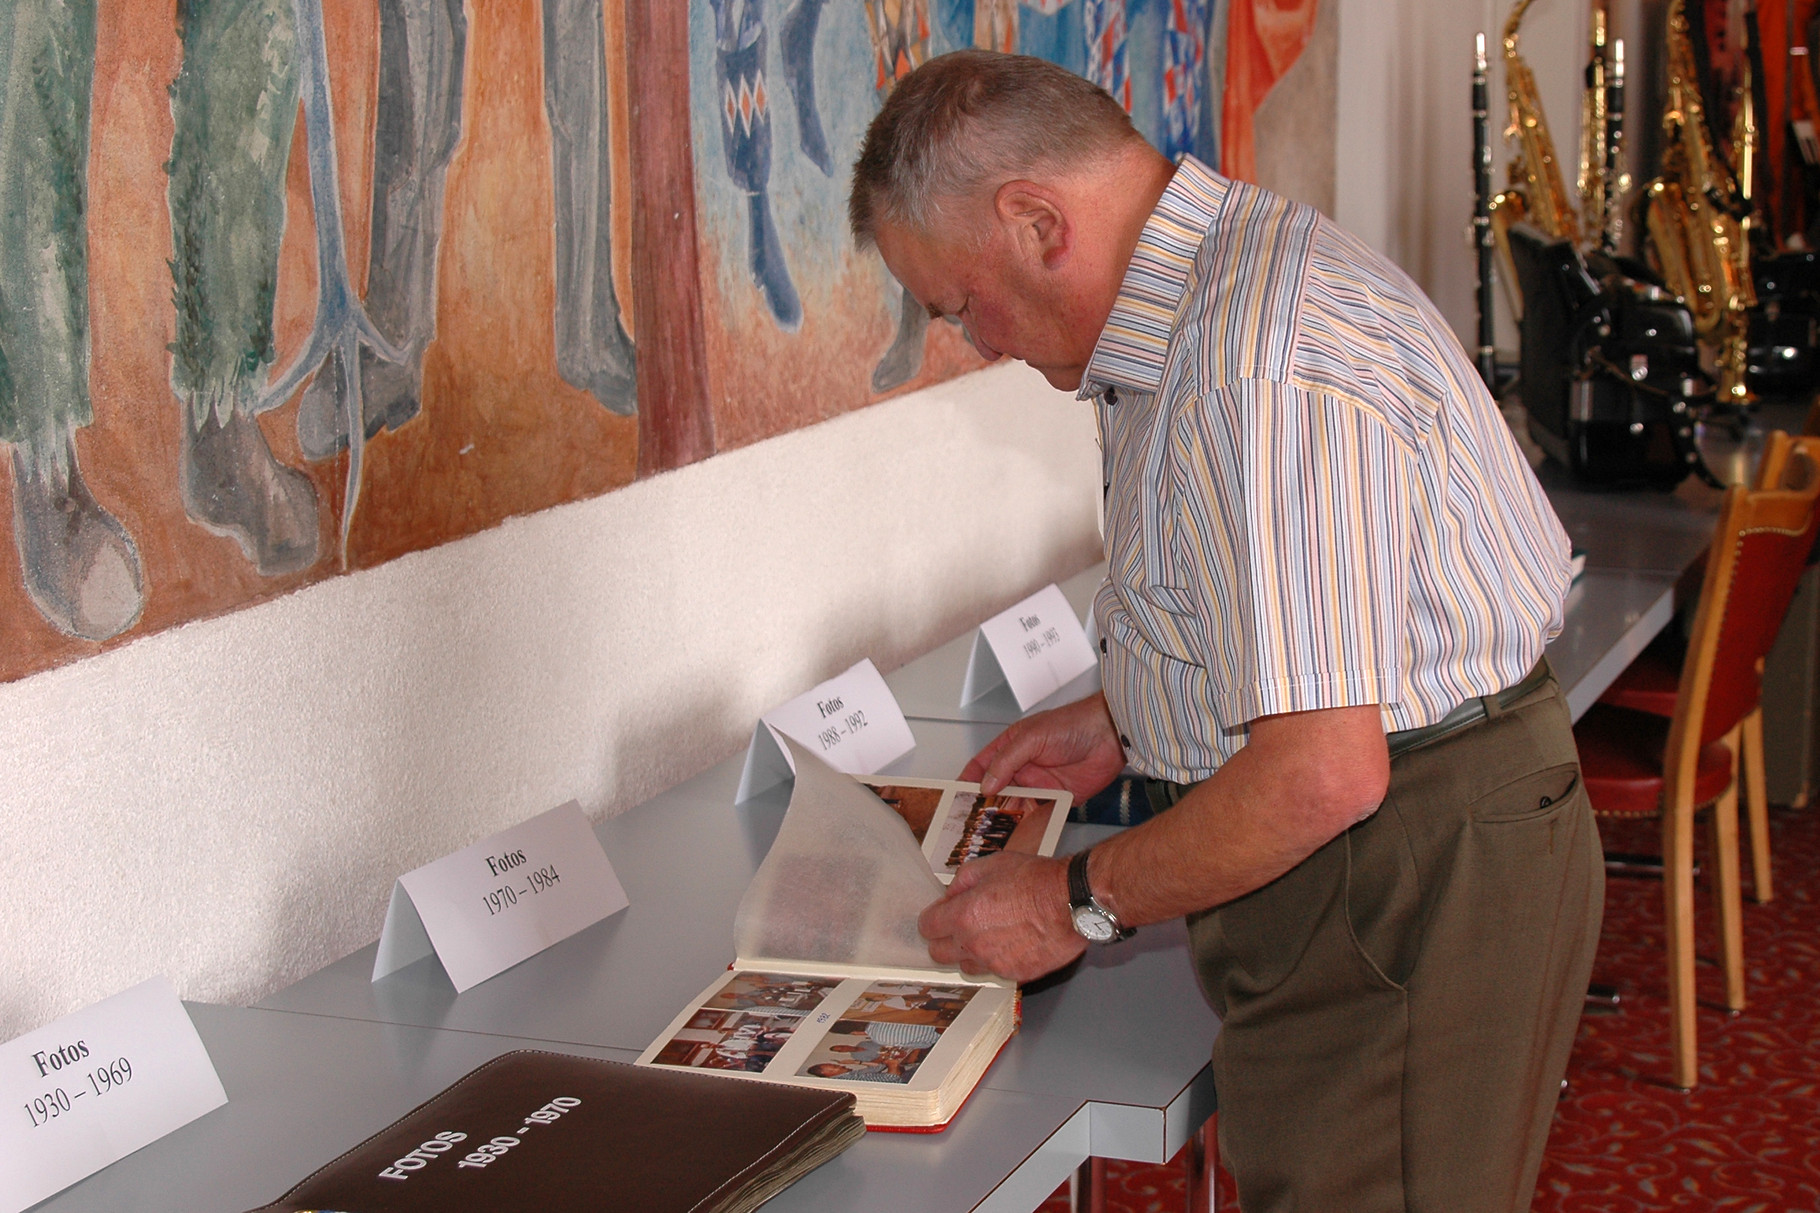 Jean interessiert sich für alte Unterlagen